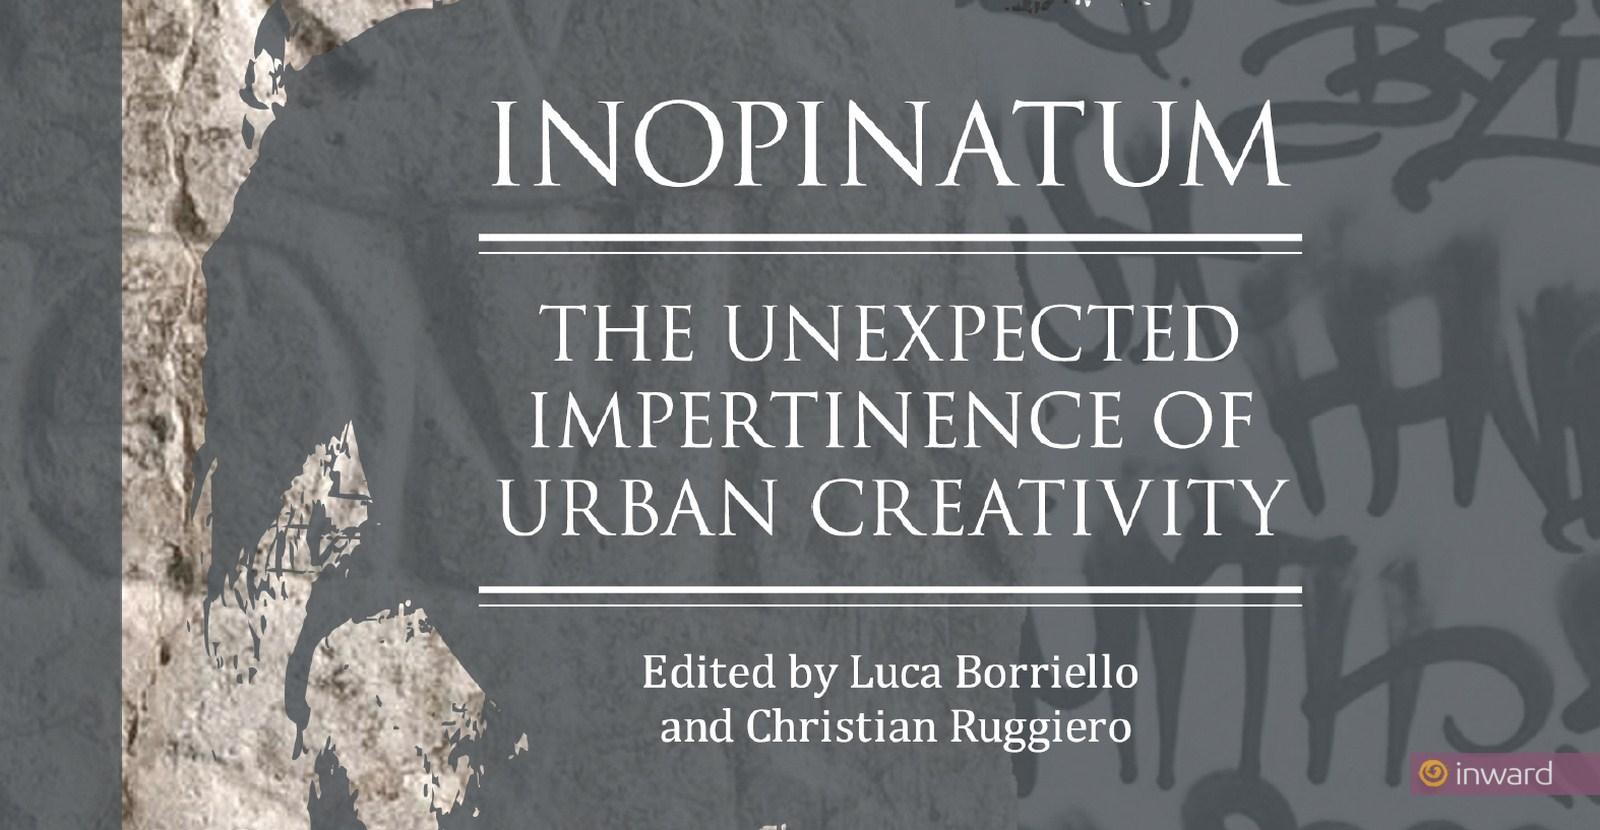 Inopinatum, centro studi sulla creatività urbana